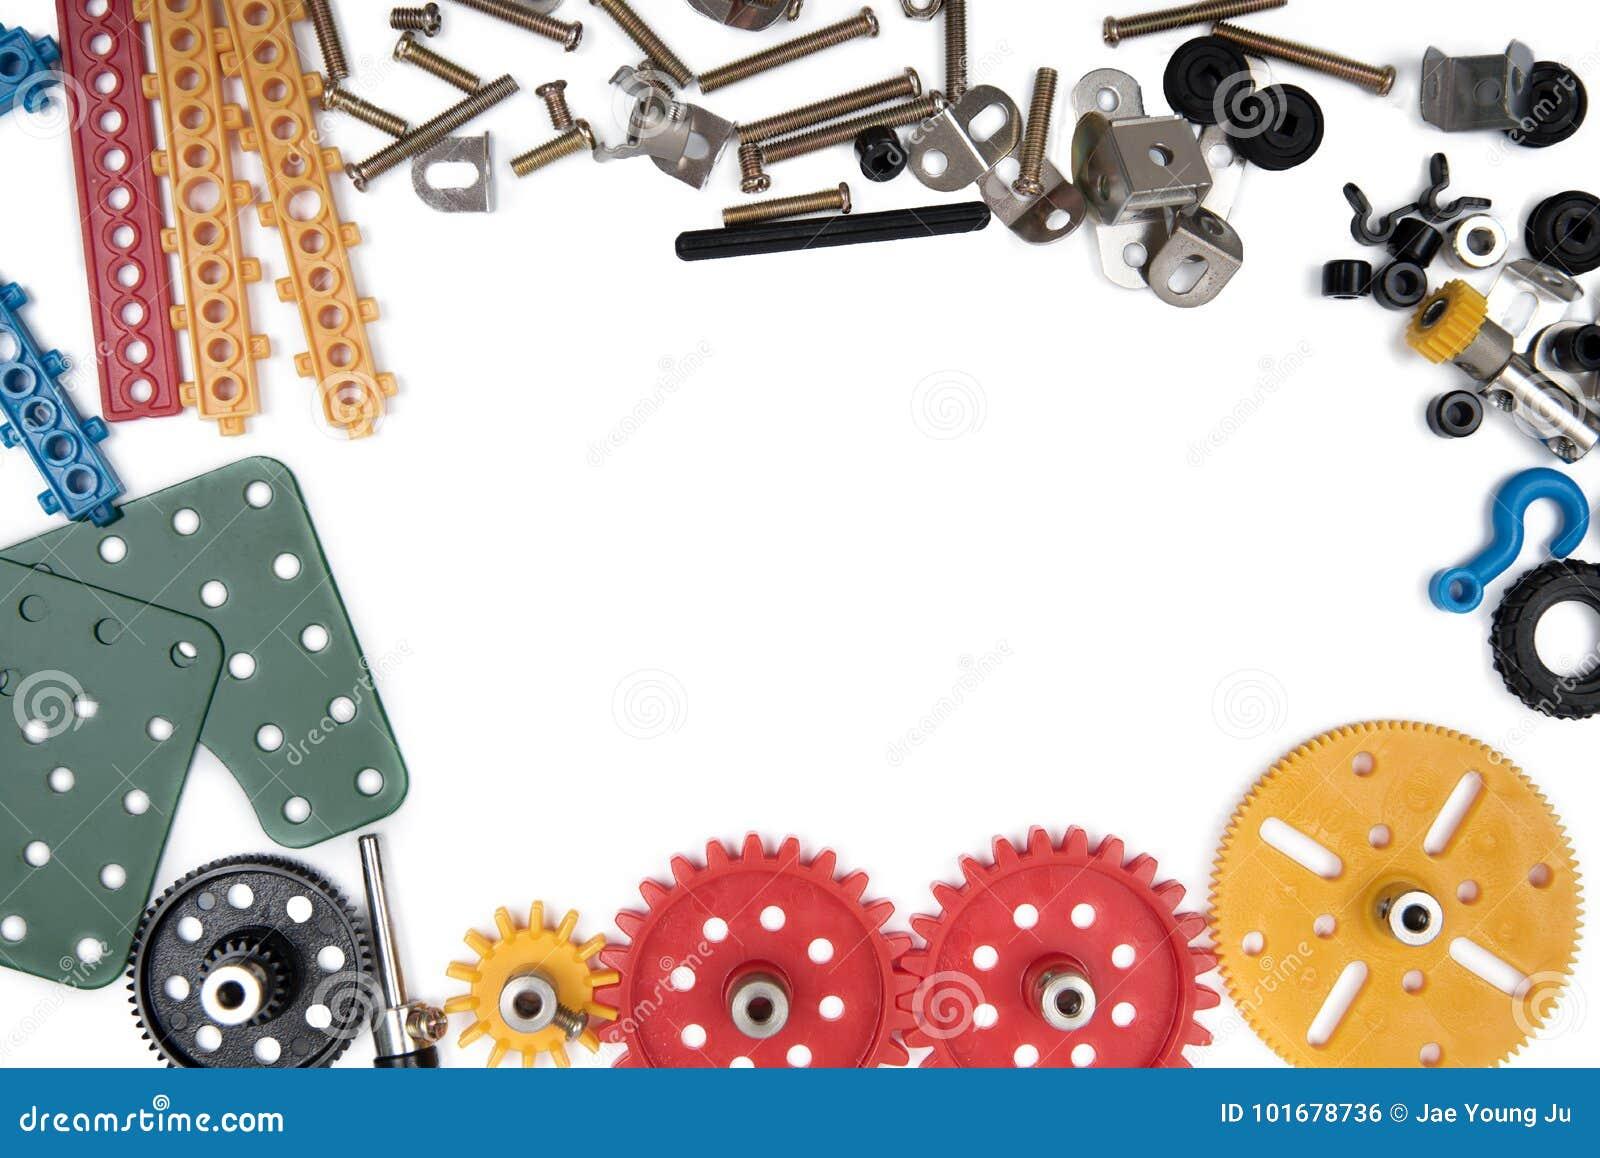 Caçoa ferramentas dos brinquedos da construção, ferramentas coloridas do brinquedo